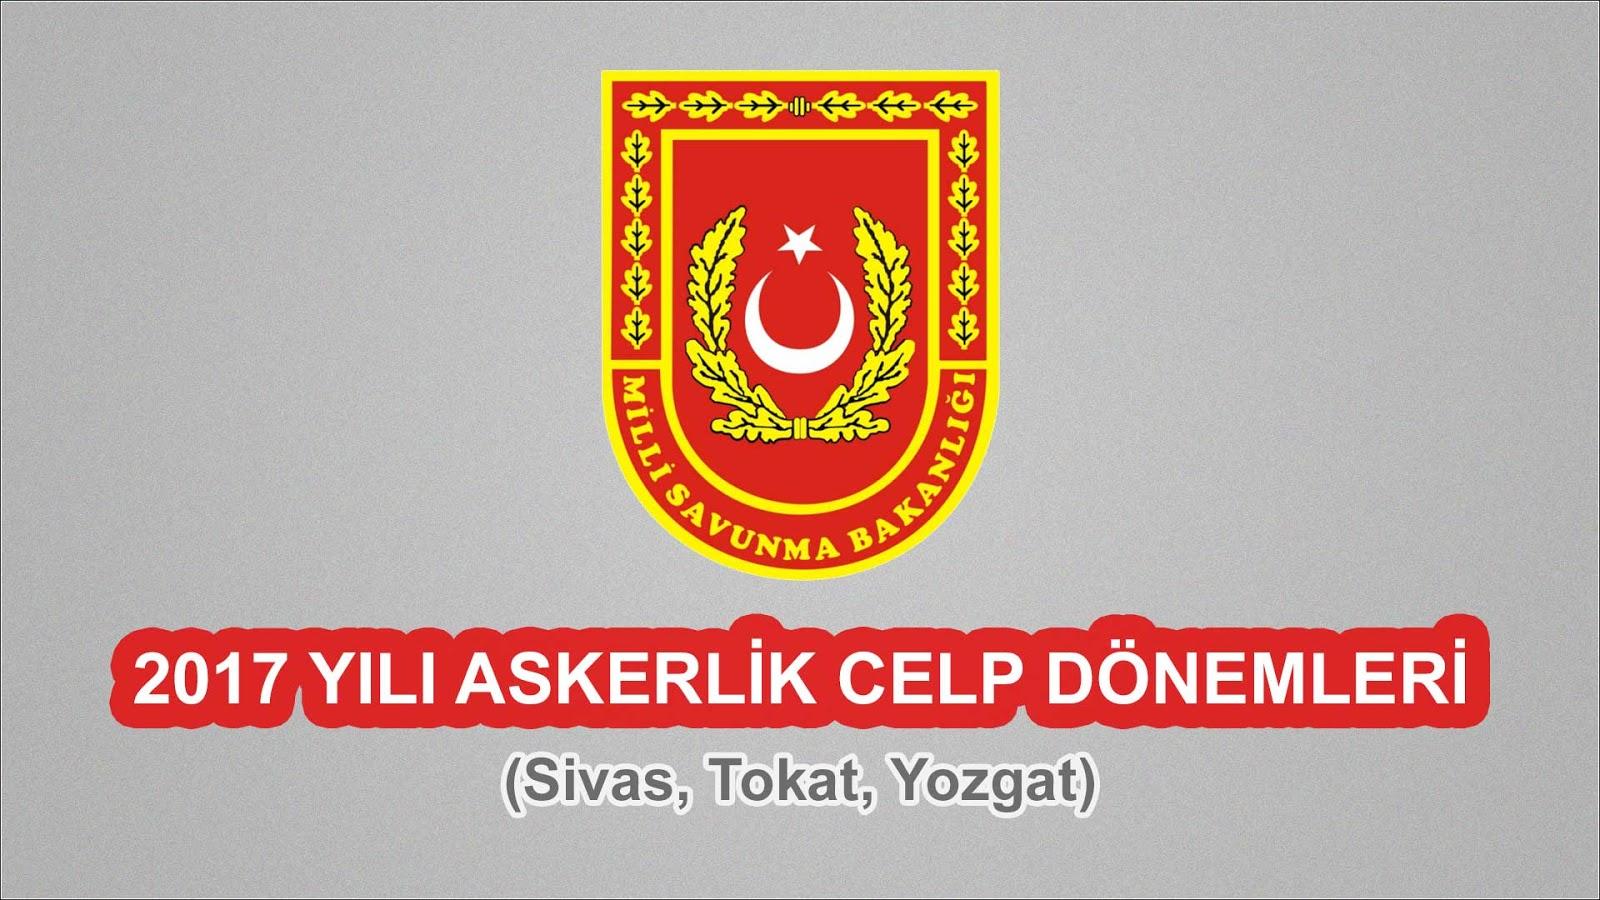 2017 Yılı Sivas, Tokat, Yozgat Askerlik Celp Dönemleri